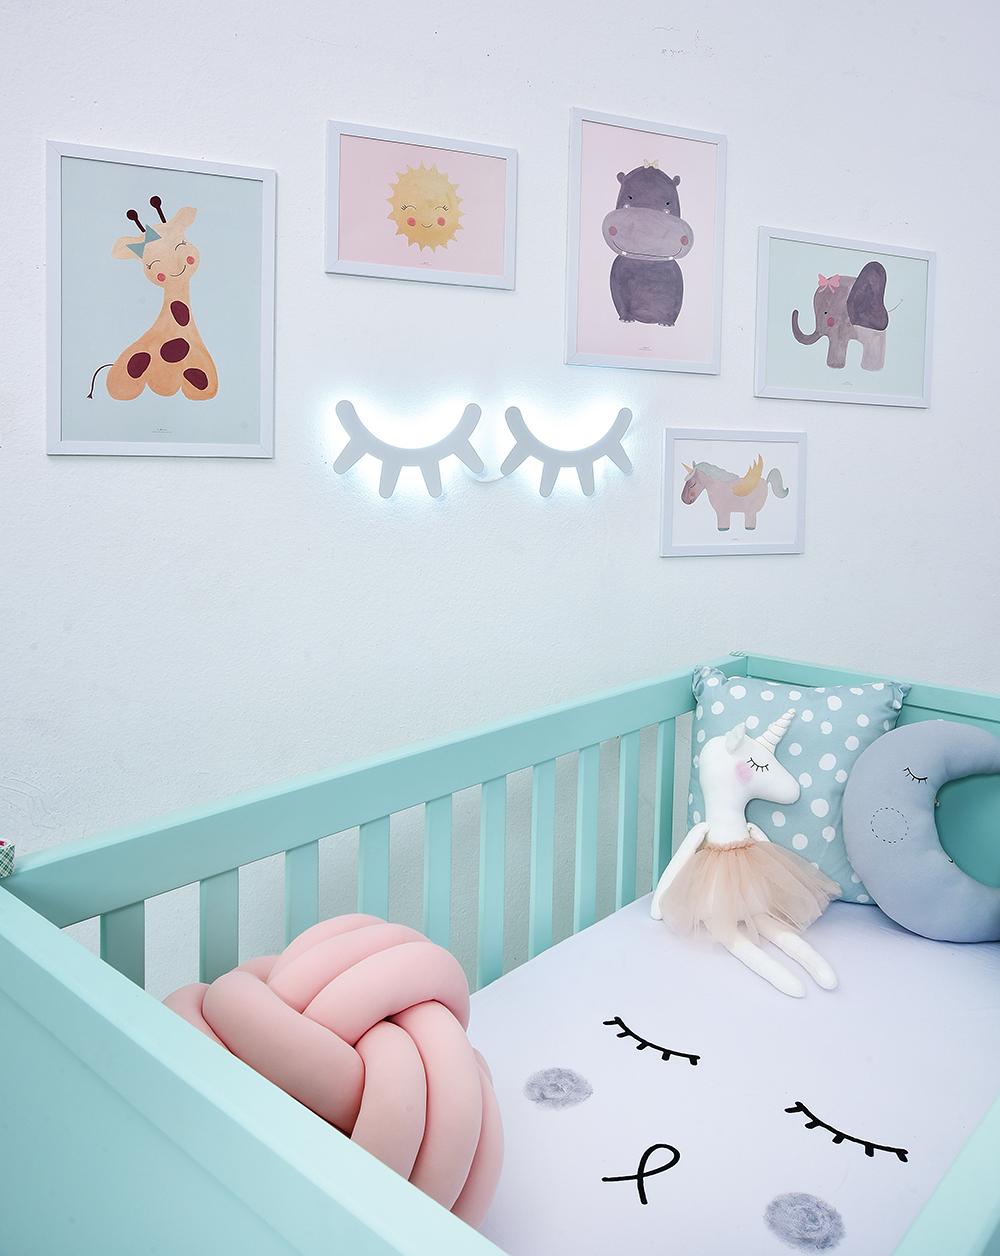 Quarto De Beb Divertido 10 Ideias Para Animar A Decora O ~ Decoração De Quarto Com Luzes E Quarto Simples Para Bebe